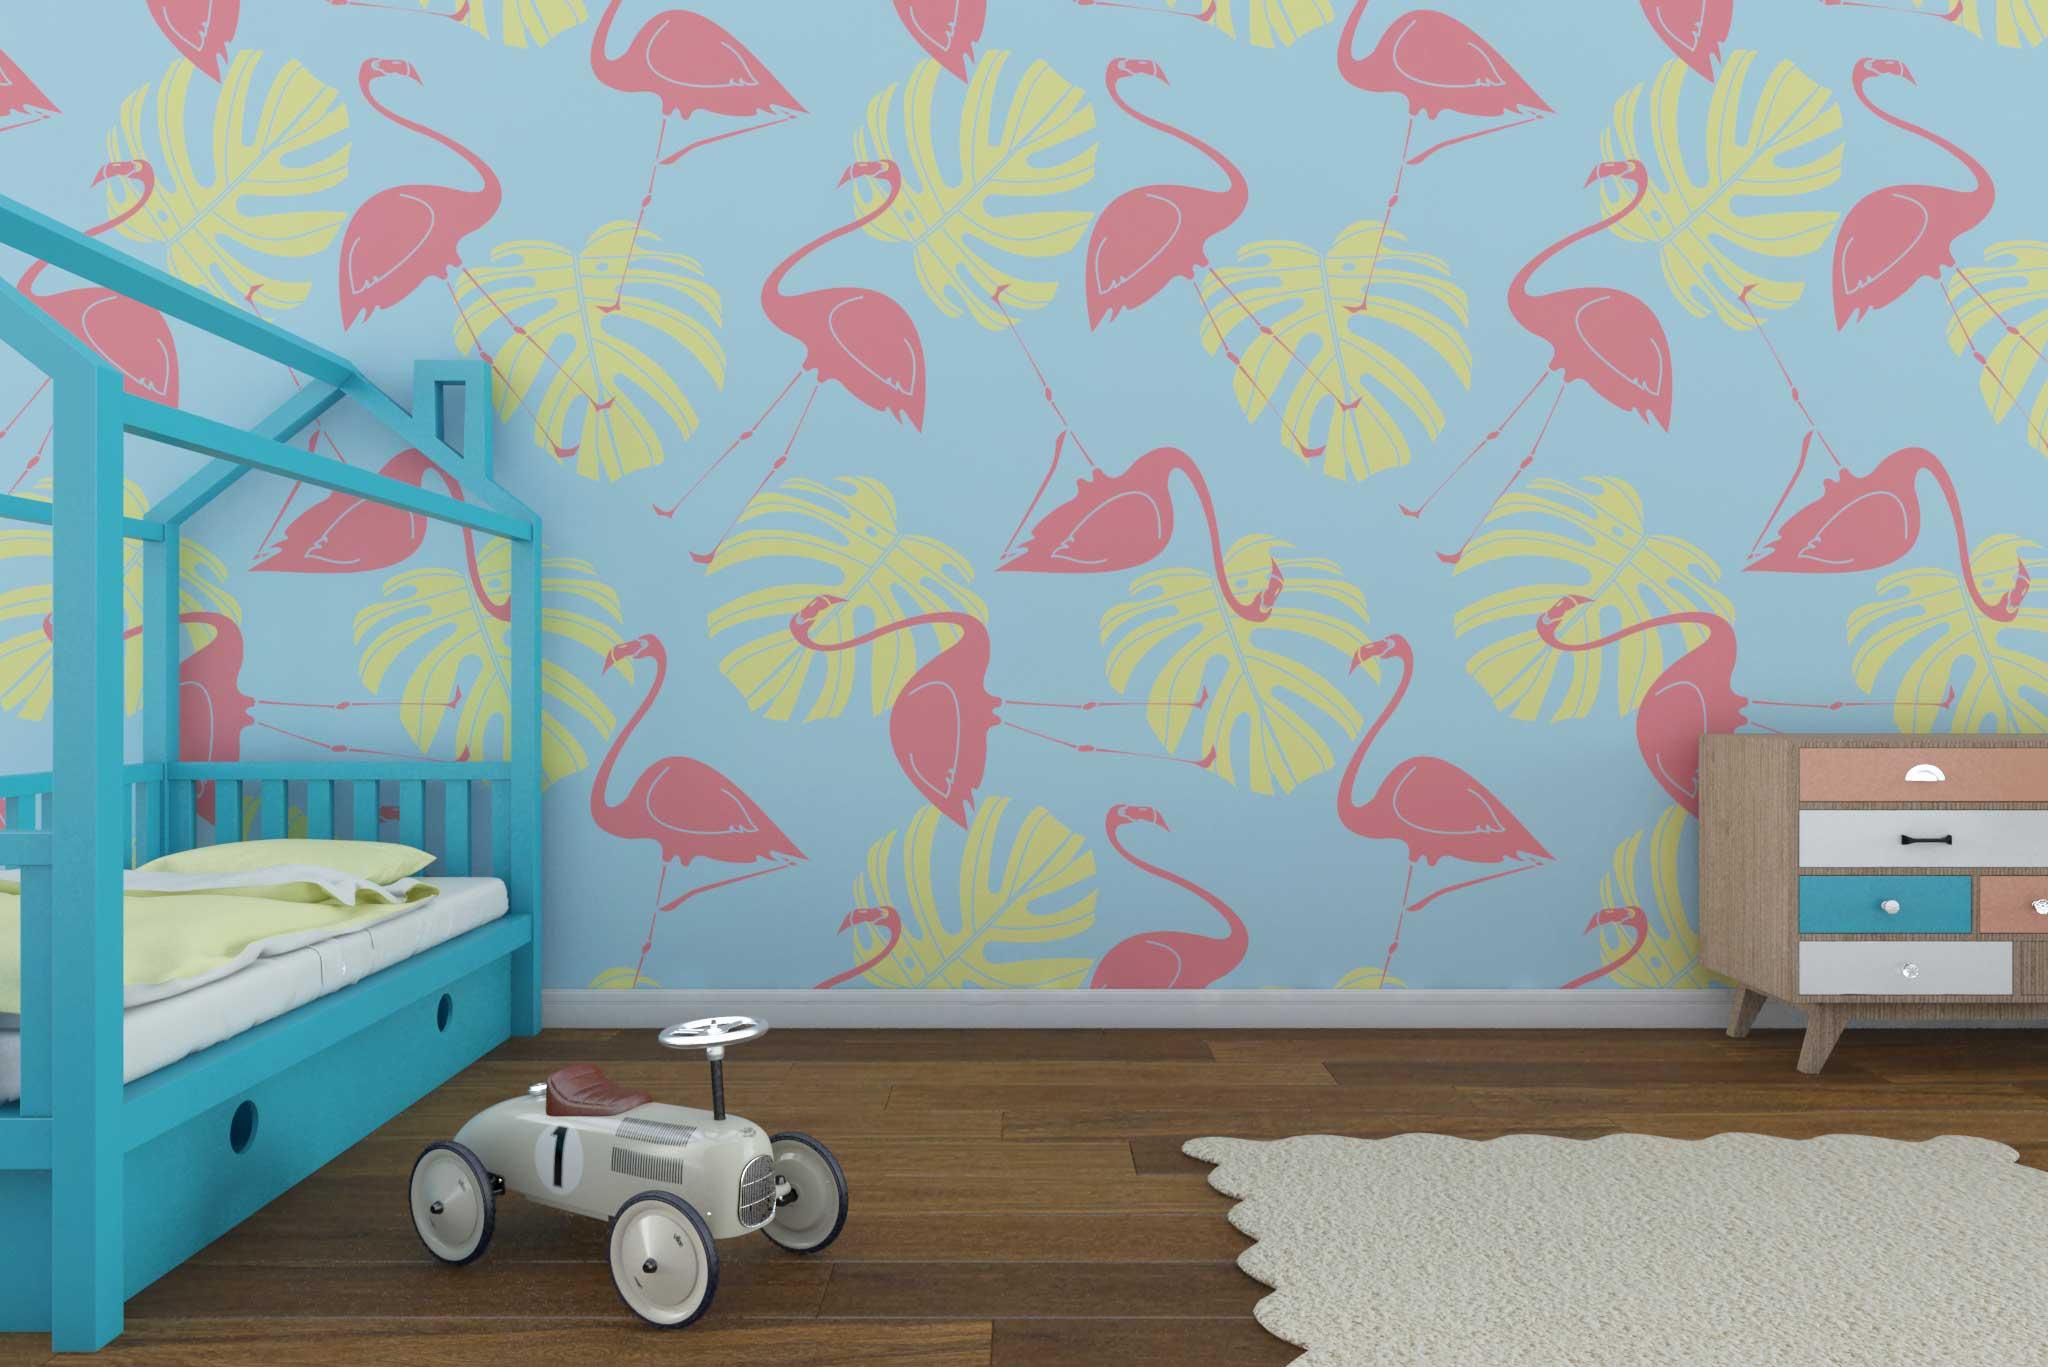 tapet-fototapet-comanda-personalizat-bucuresti-camera-dormitor-copii-model-flamingo-frunze